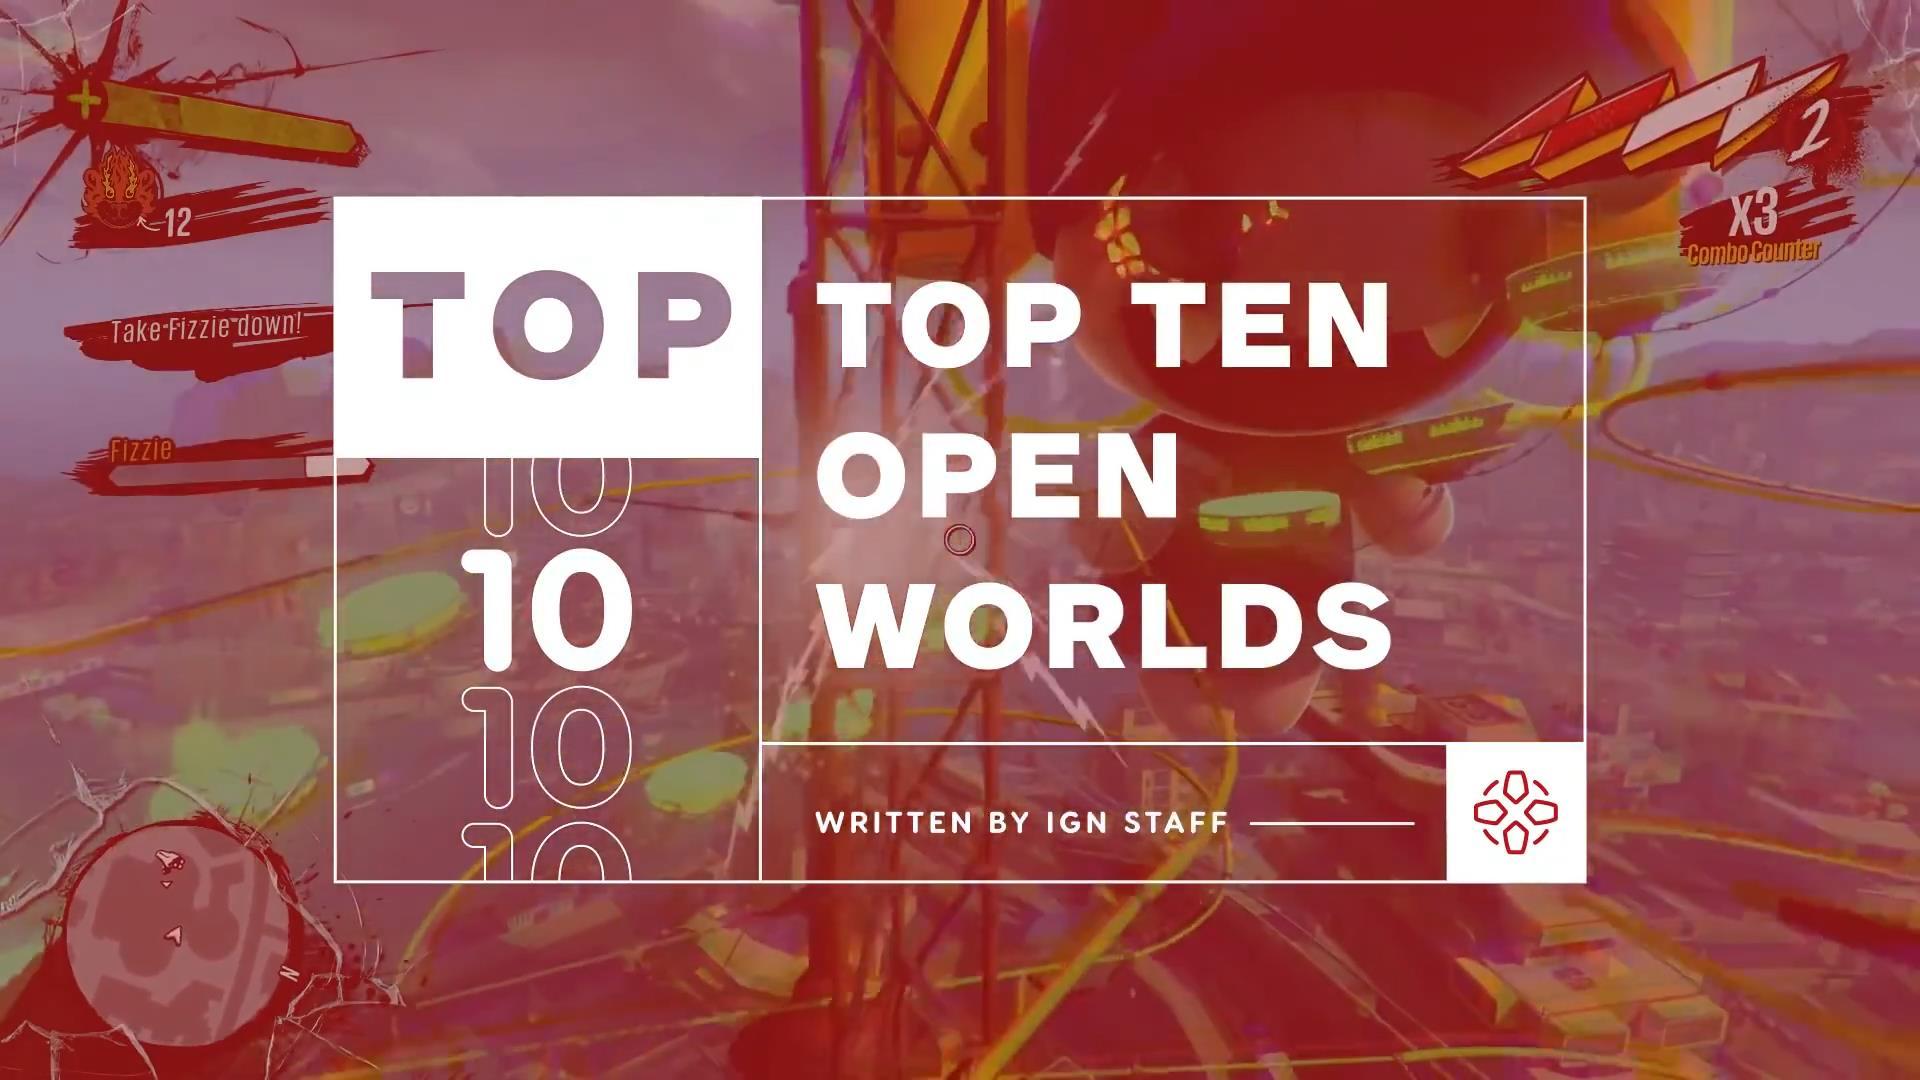 IGN评选游戏史上十大开放世界 《GTA5》洛圣都居首